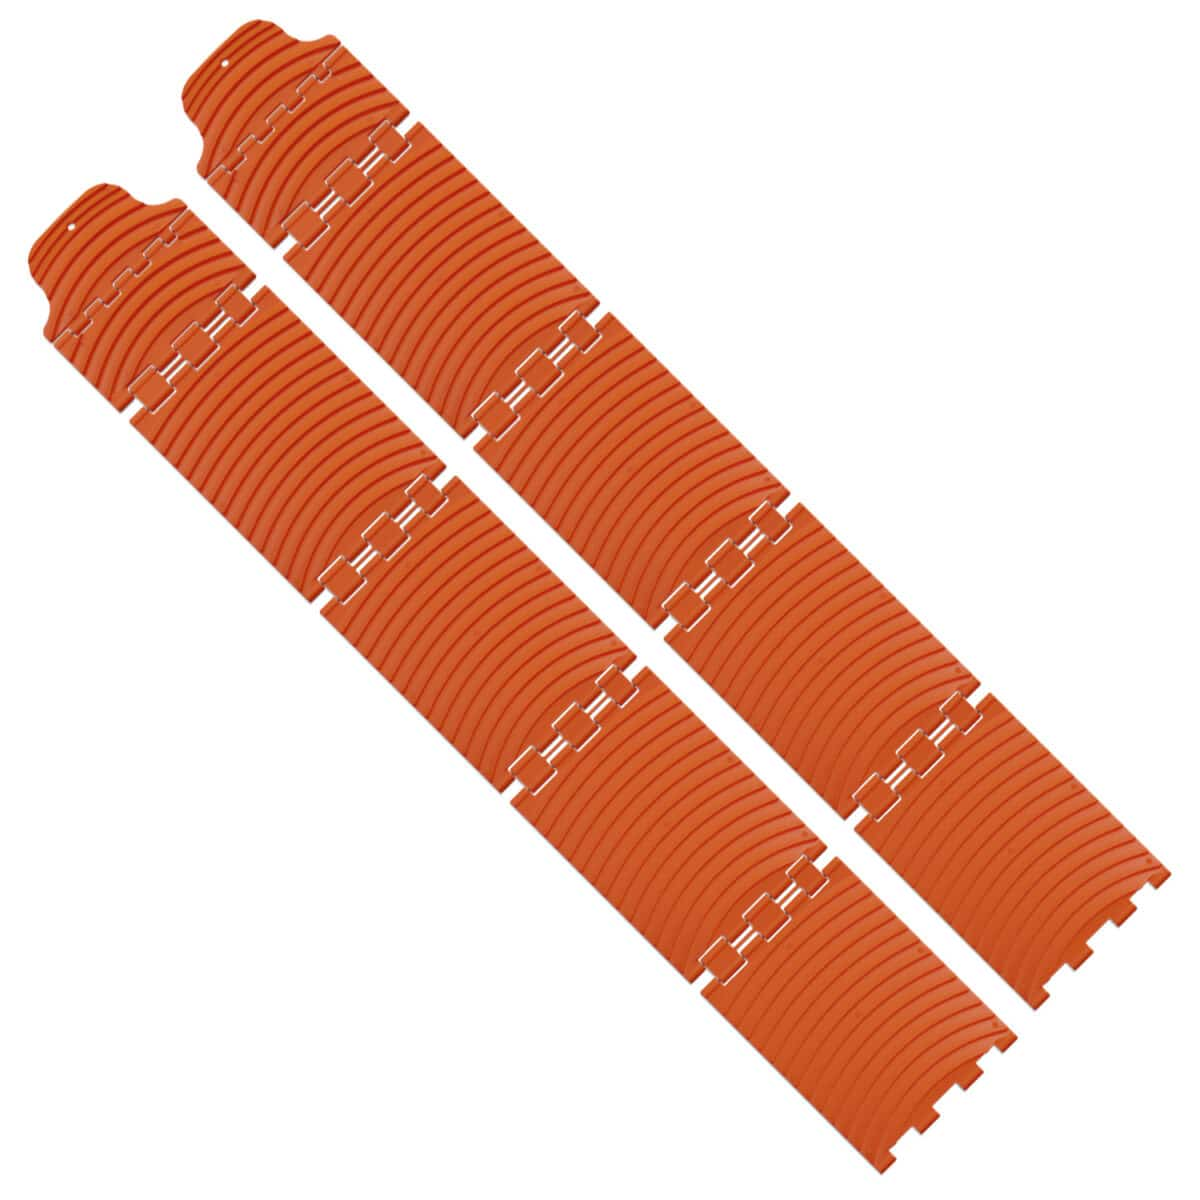 GoTreads XL in Orange